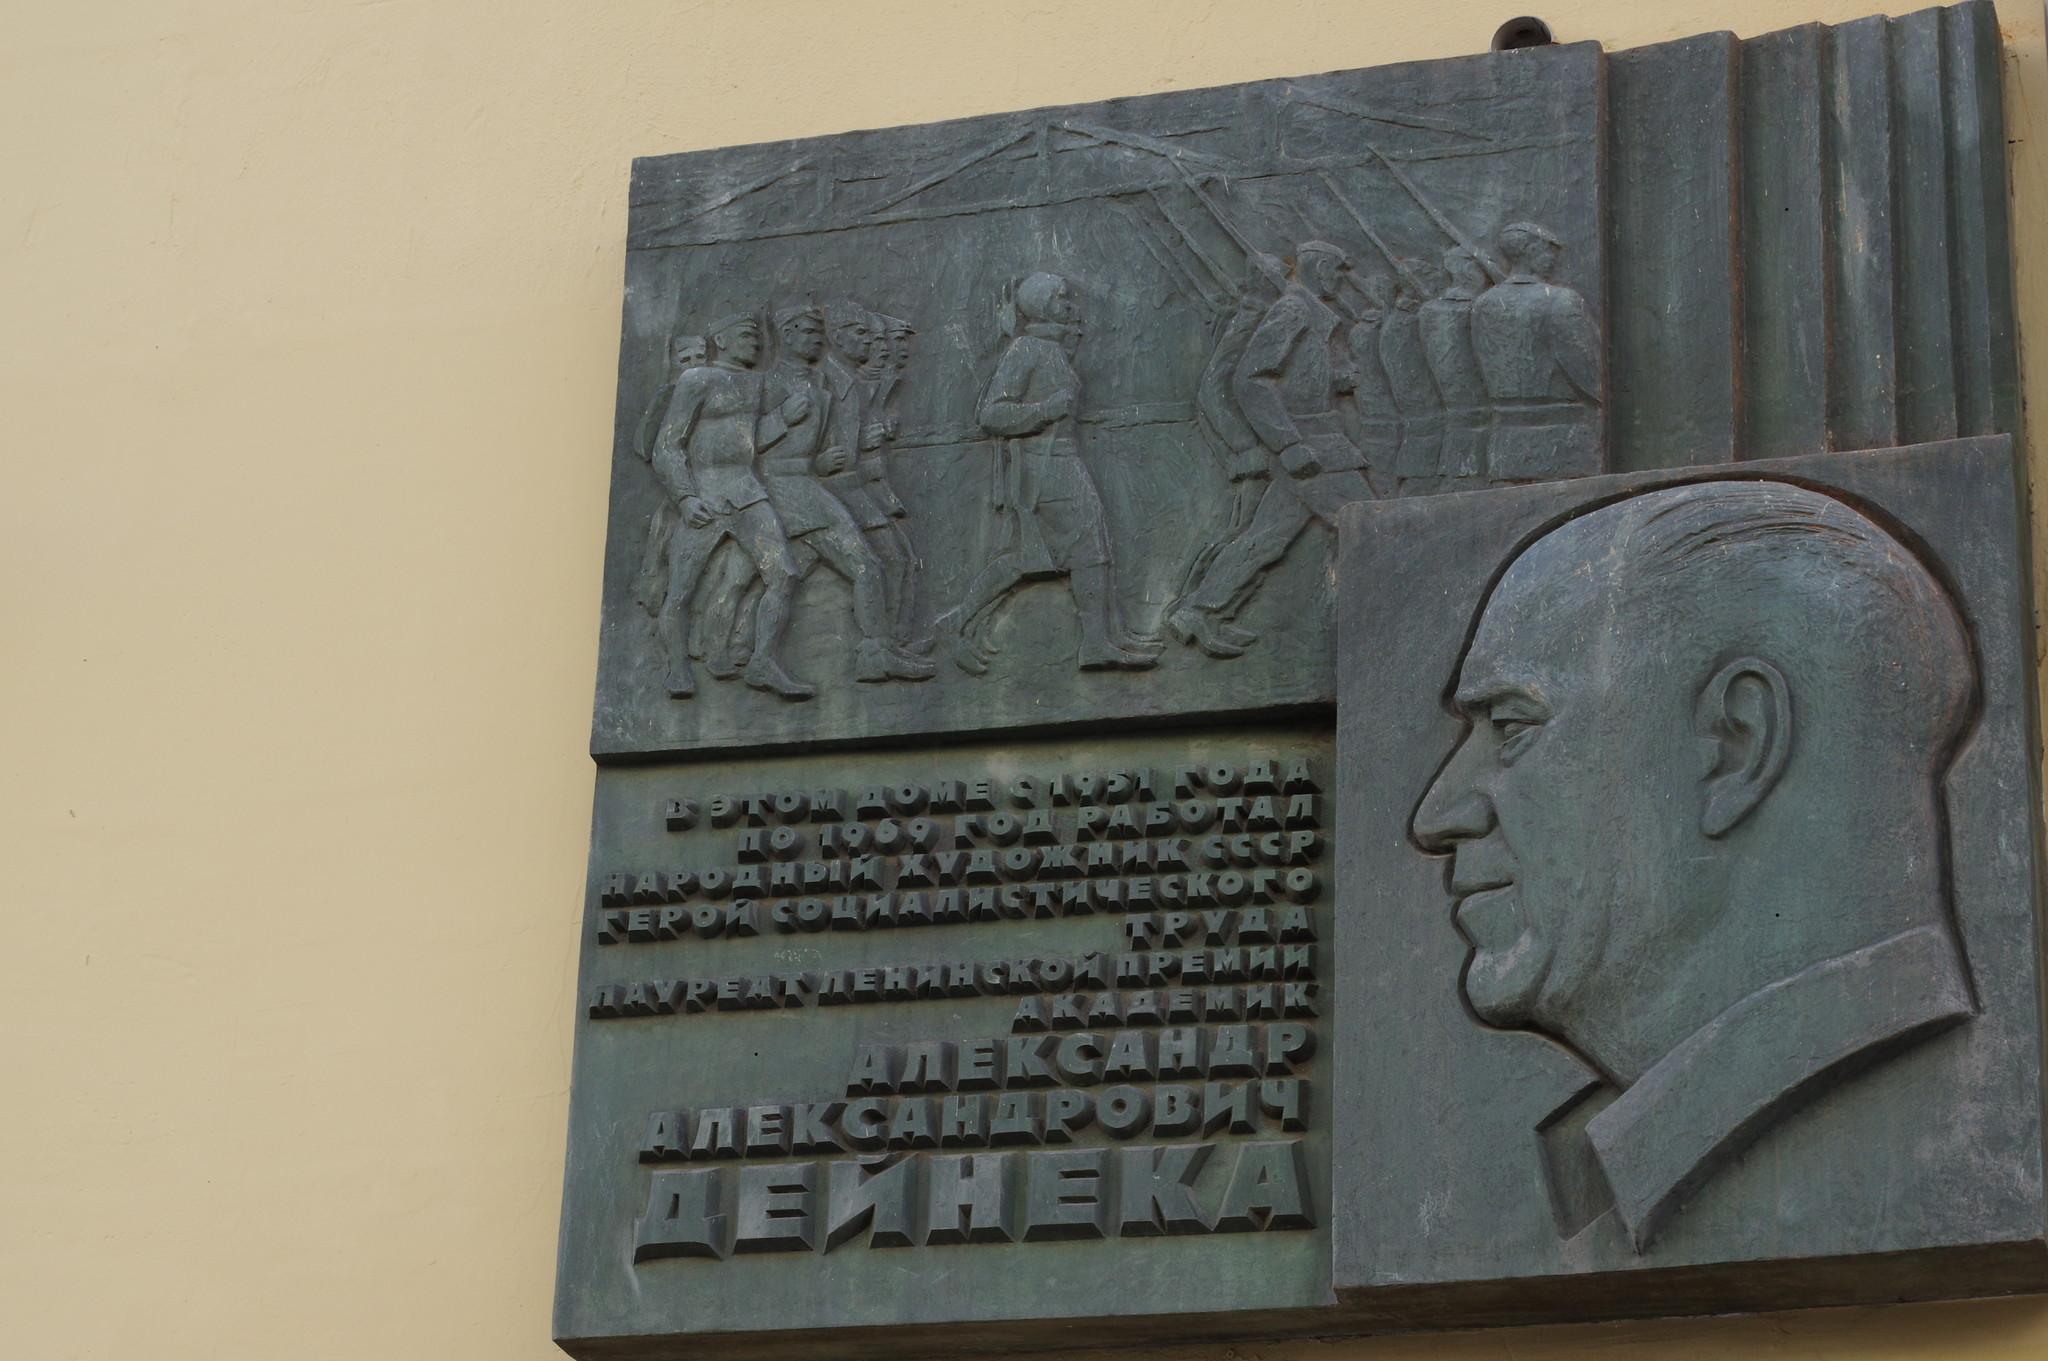 На фасаде здания (Тверская улица, дом 25) установлена мемориальная доска Народному художнику СССР Александру Александровичу Дейнека